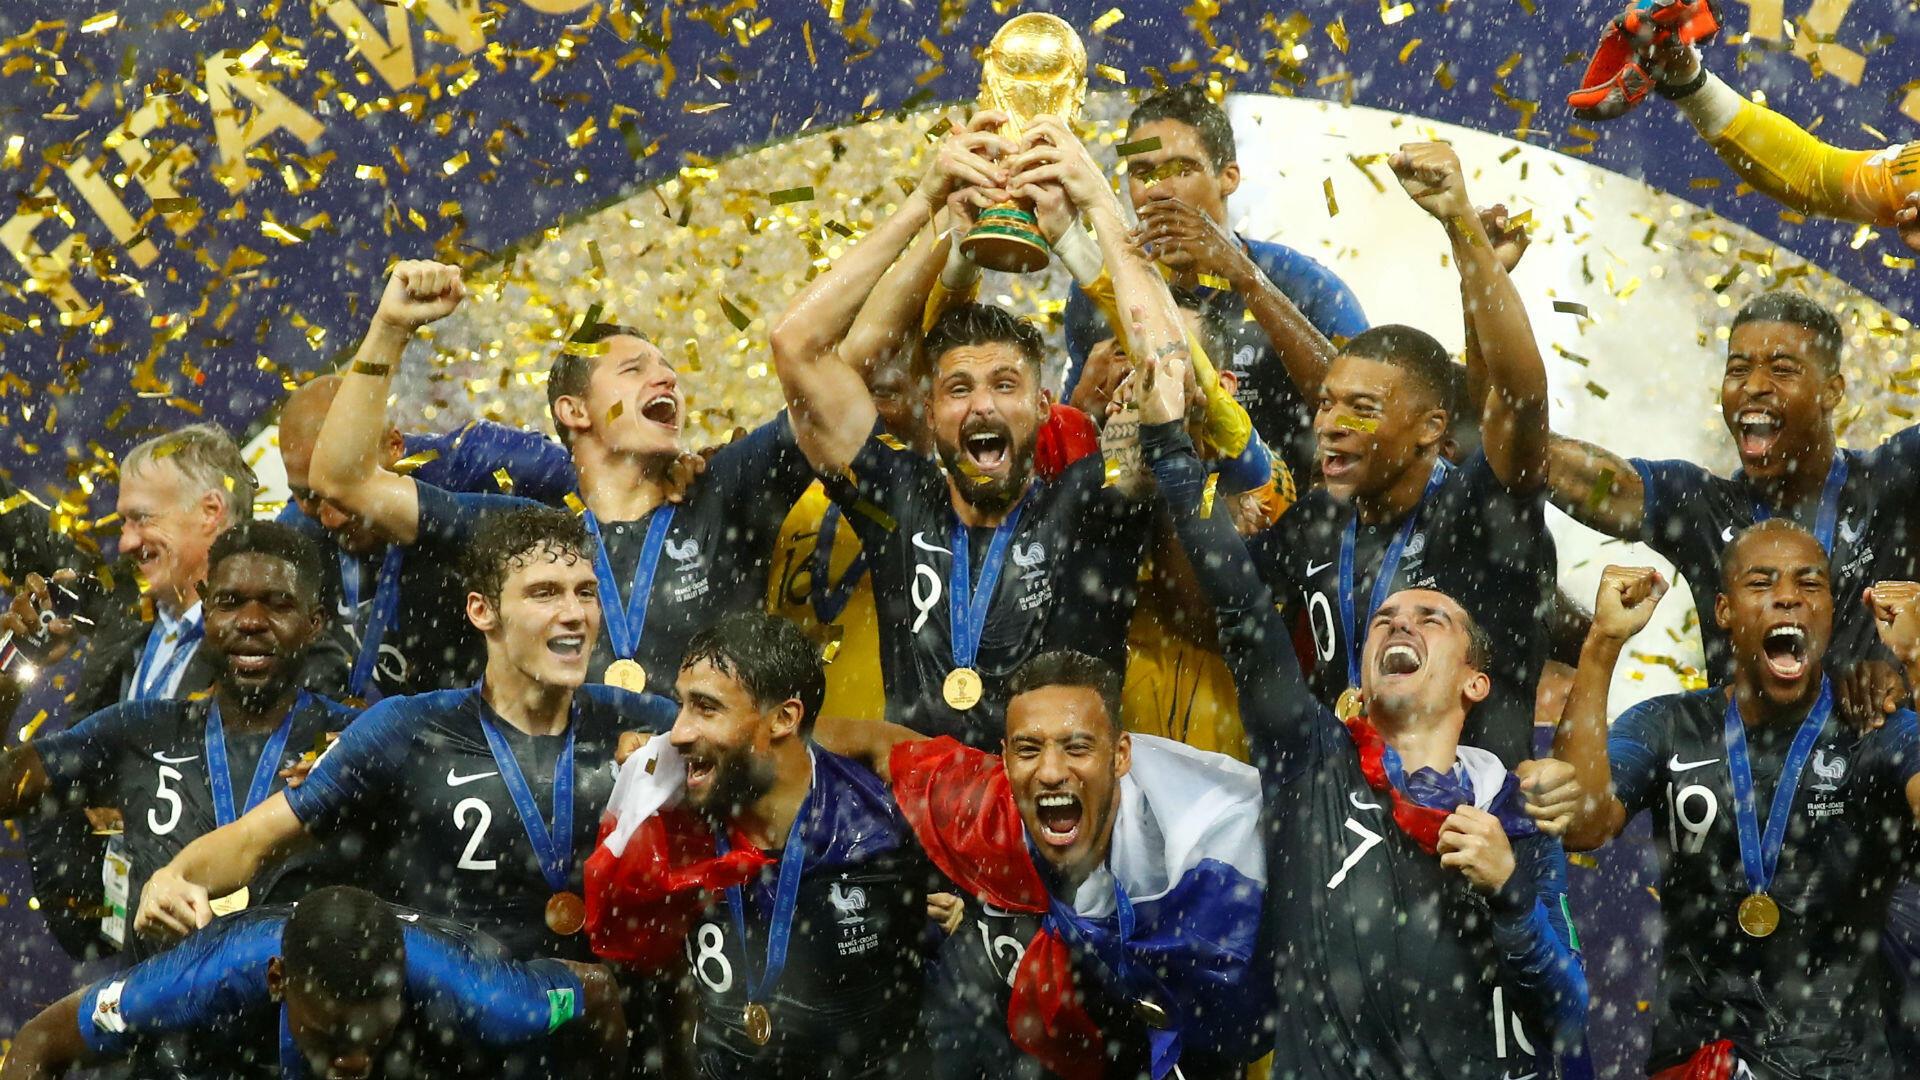 Sans contestation possible, le moment phare de cette année 2018. Face à la Croatie (4-2), la France remporte la deuxième Coupe du monde de football de son histoire. Une deuxième étoile pour l'éternité.